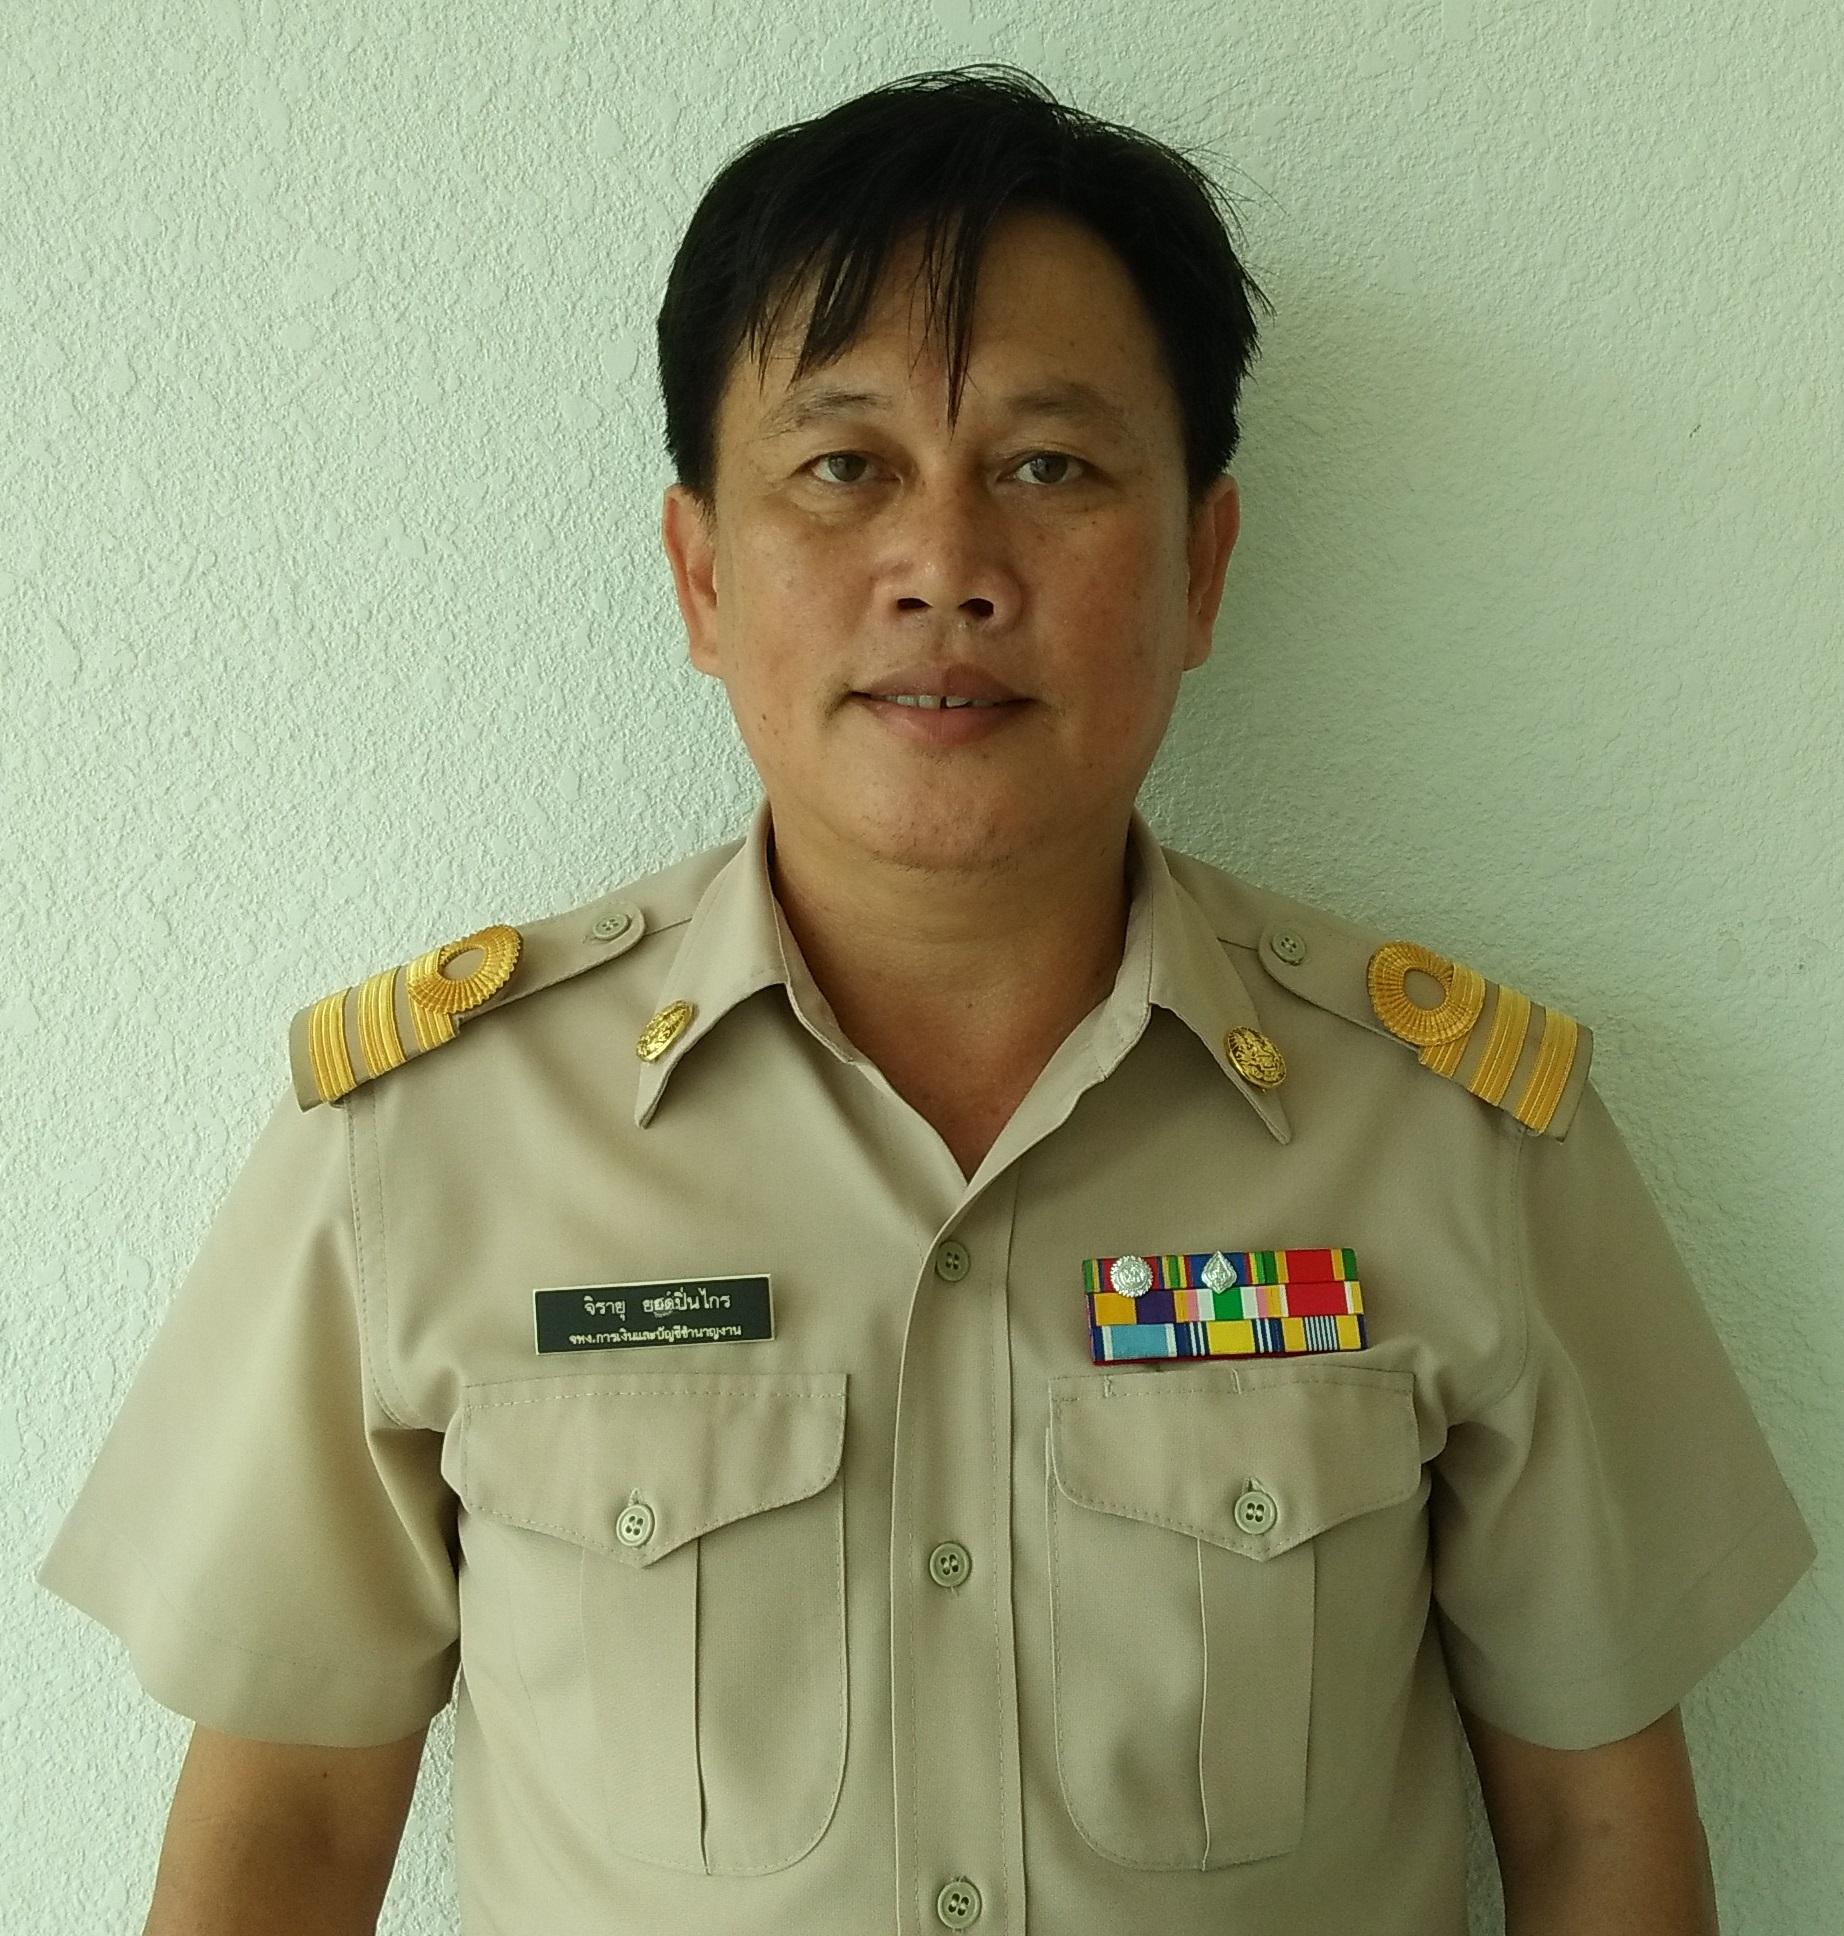 Mr Jiraya Yodpinkral